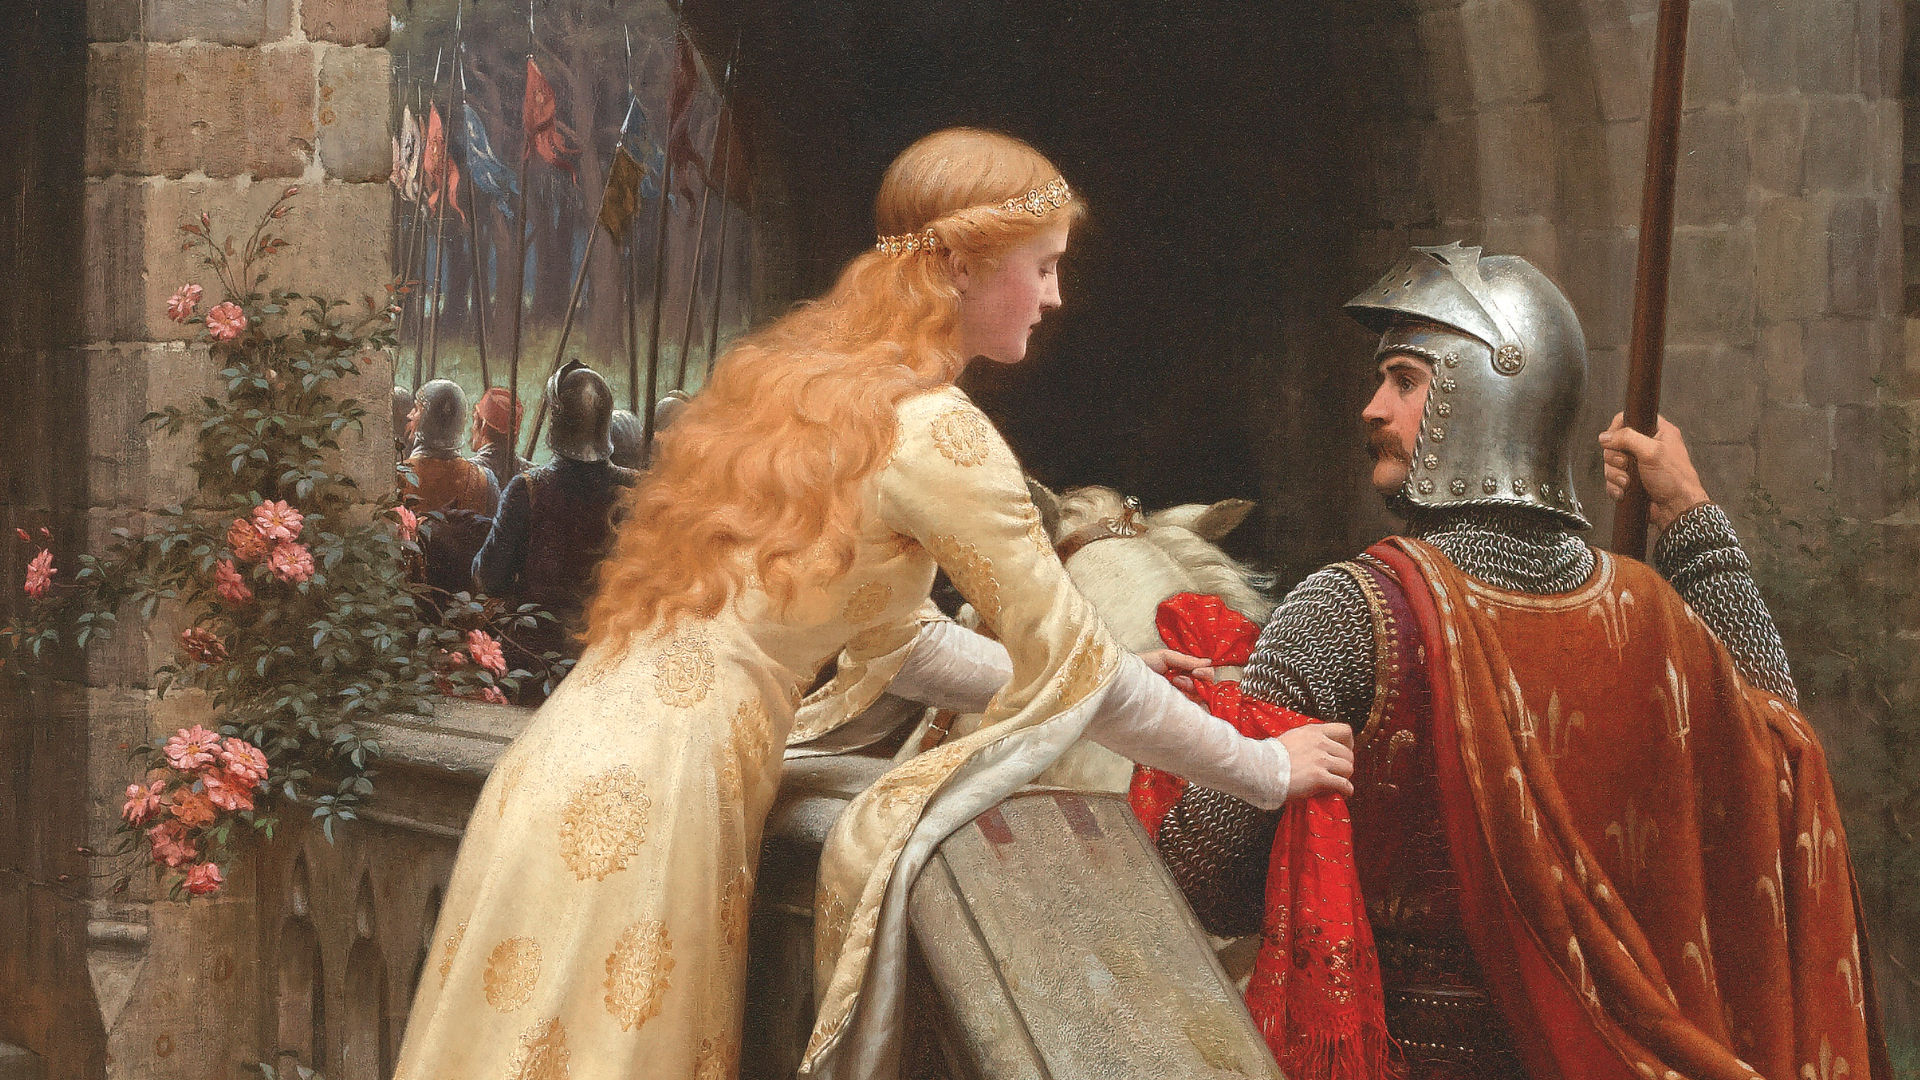 Les chevaliers, du registre épique à l'amour courtois